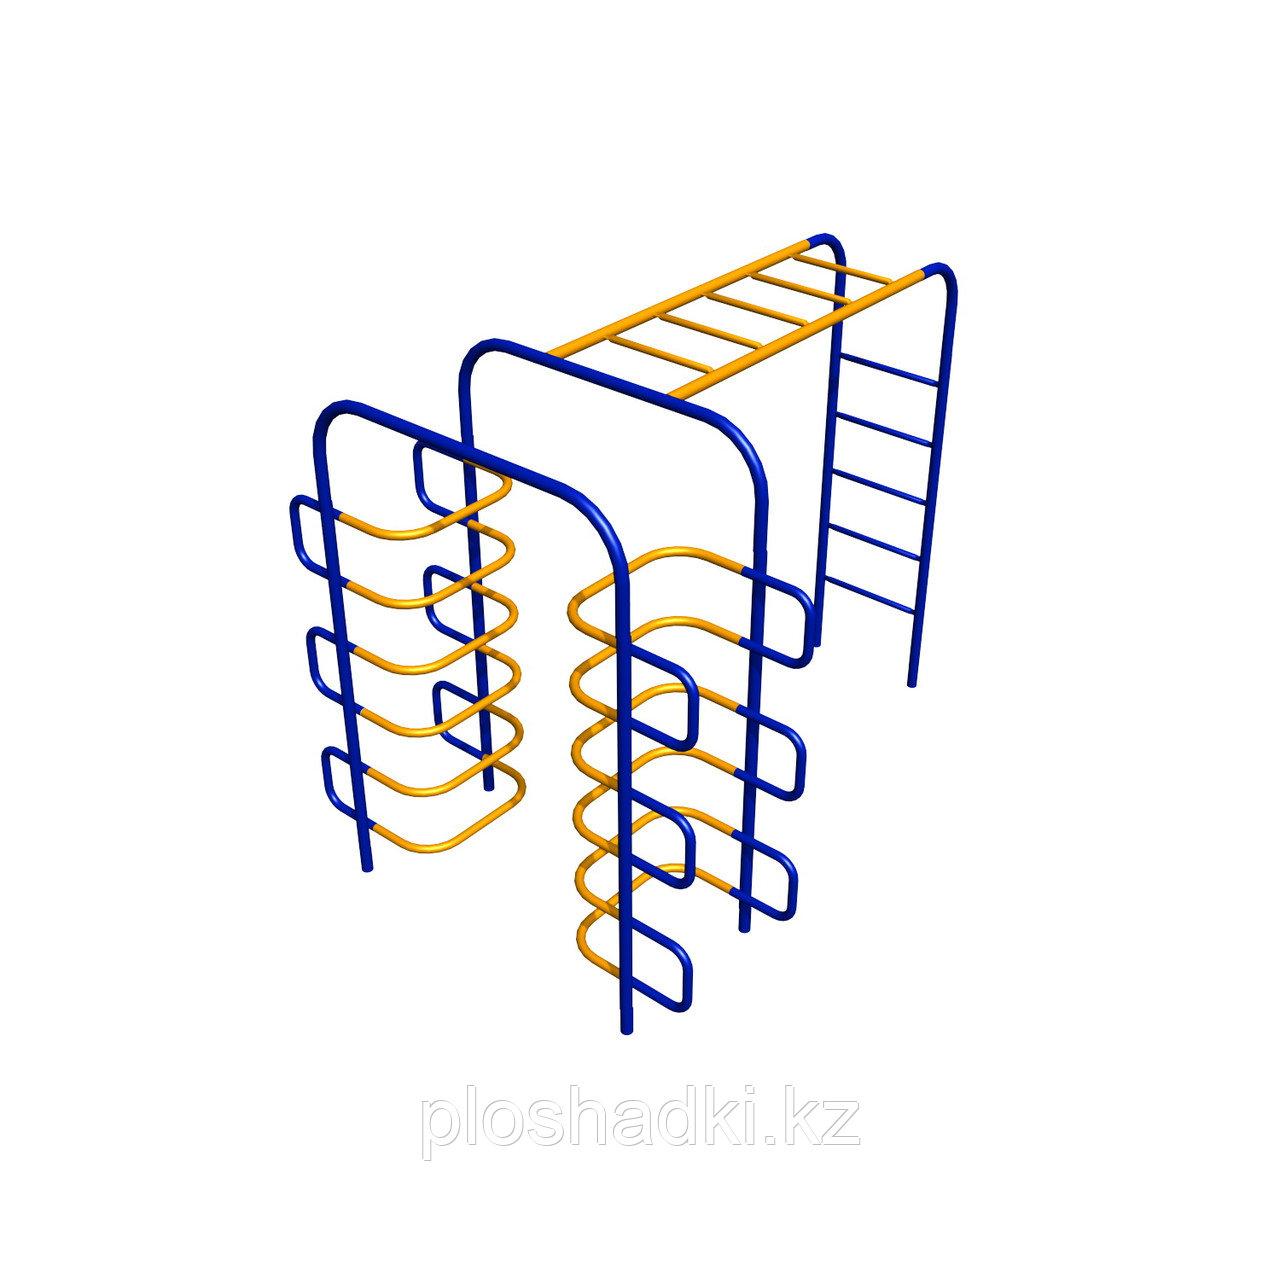 Лаз Romana, лестница, рукоходы